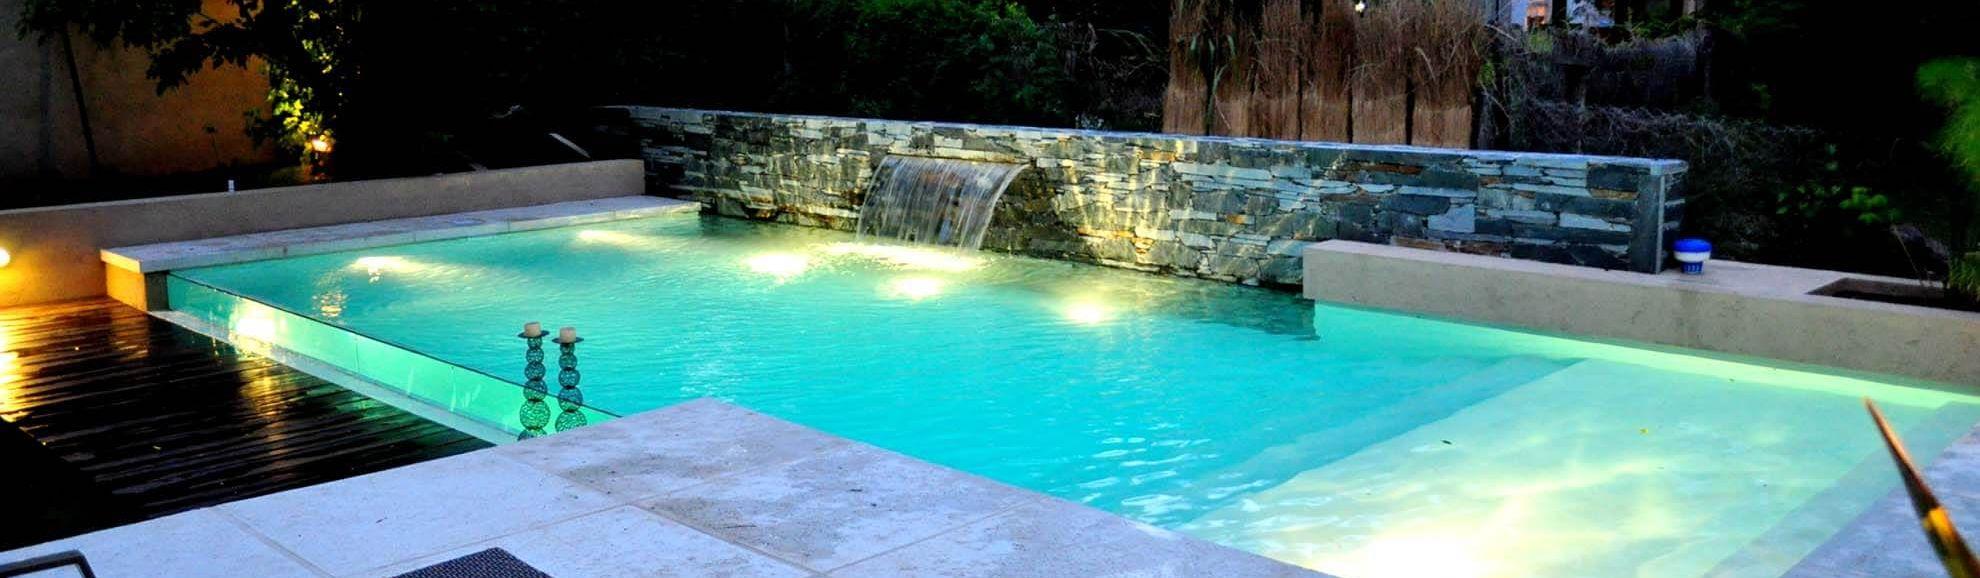 Piscinas familiares de piscinas scualo homify for Imagenes de piscinas